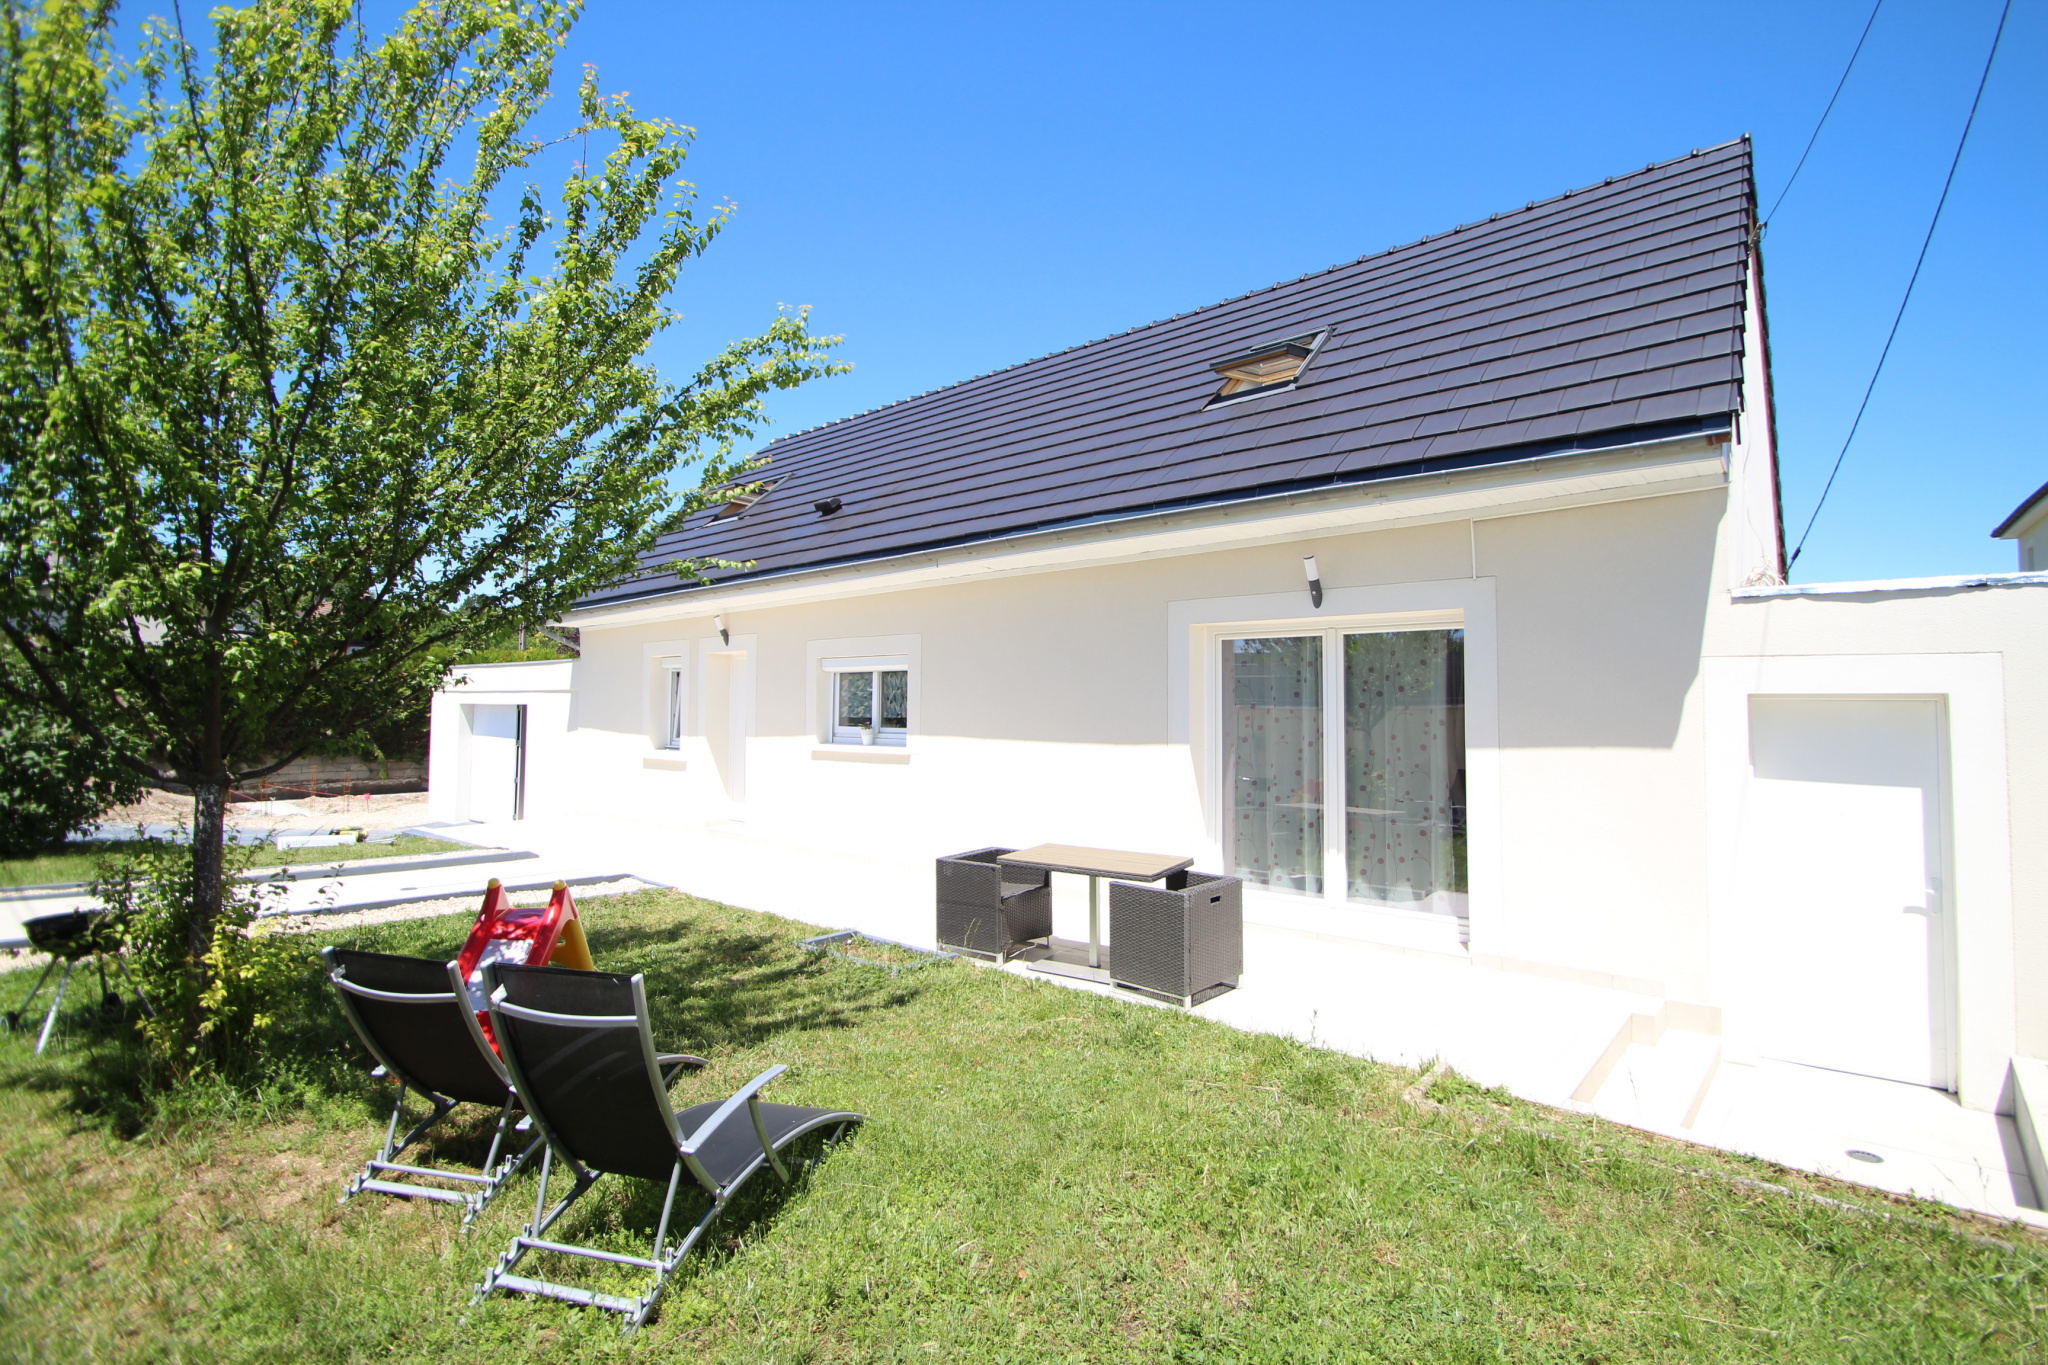 Vente maison/villa arc sur tille